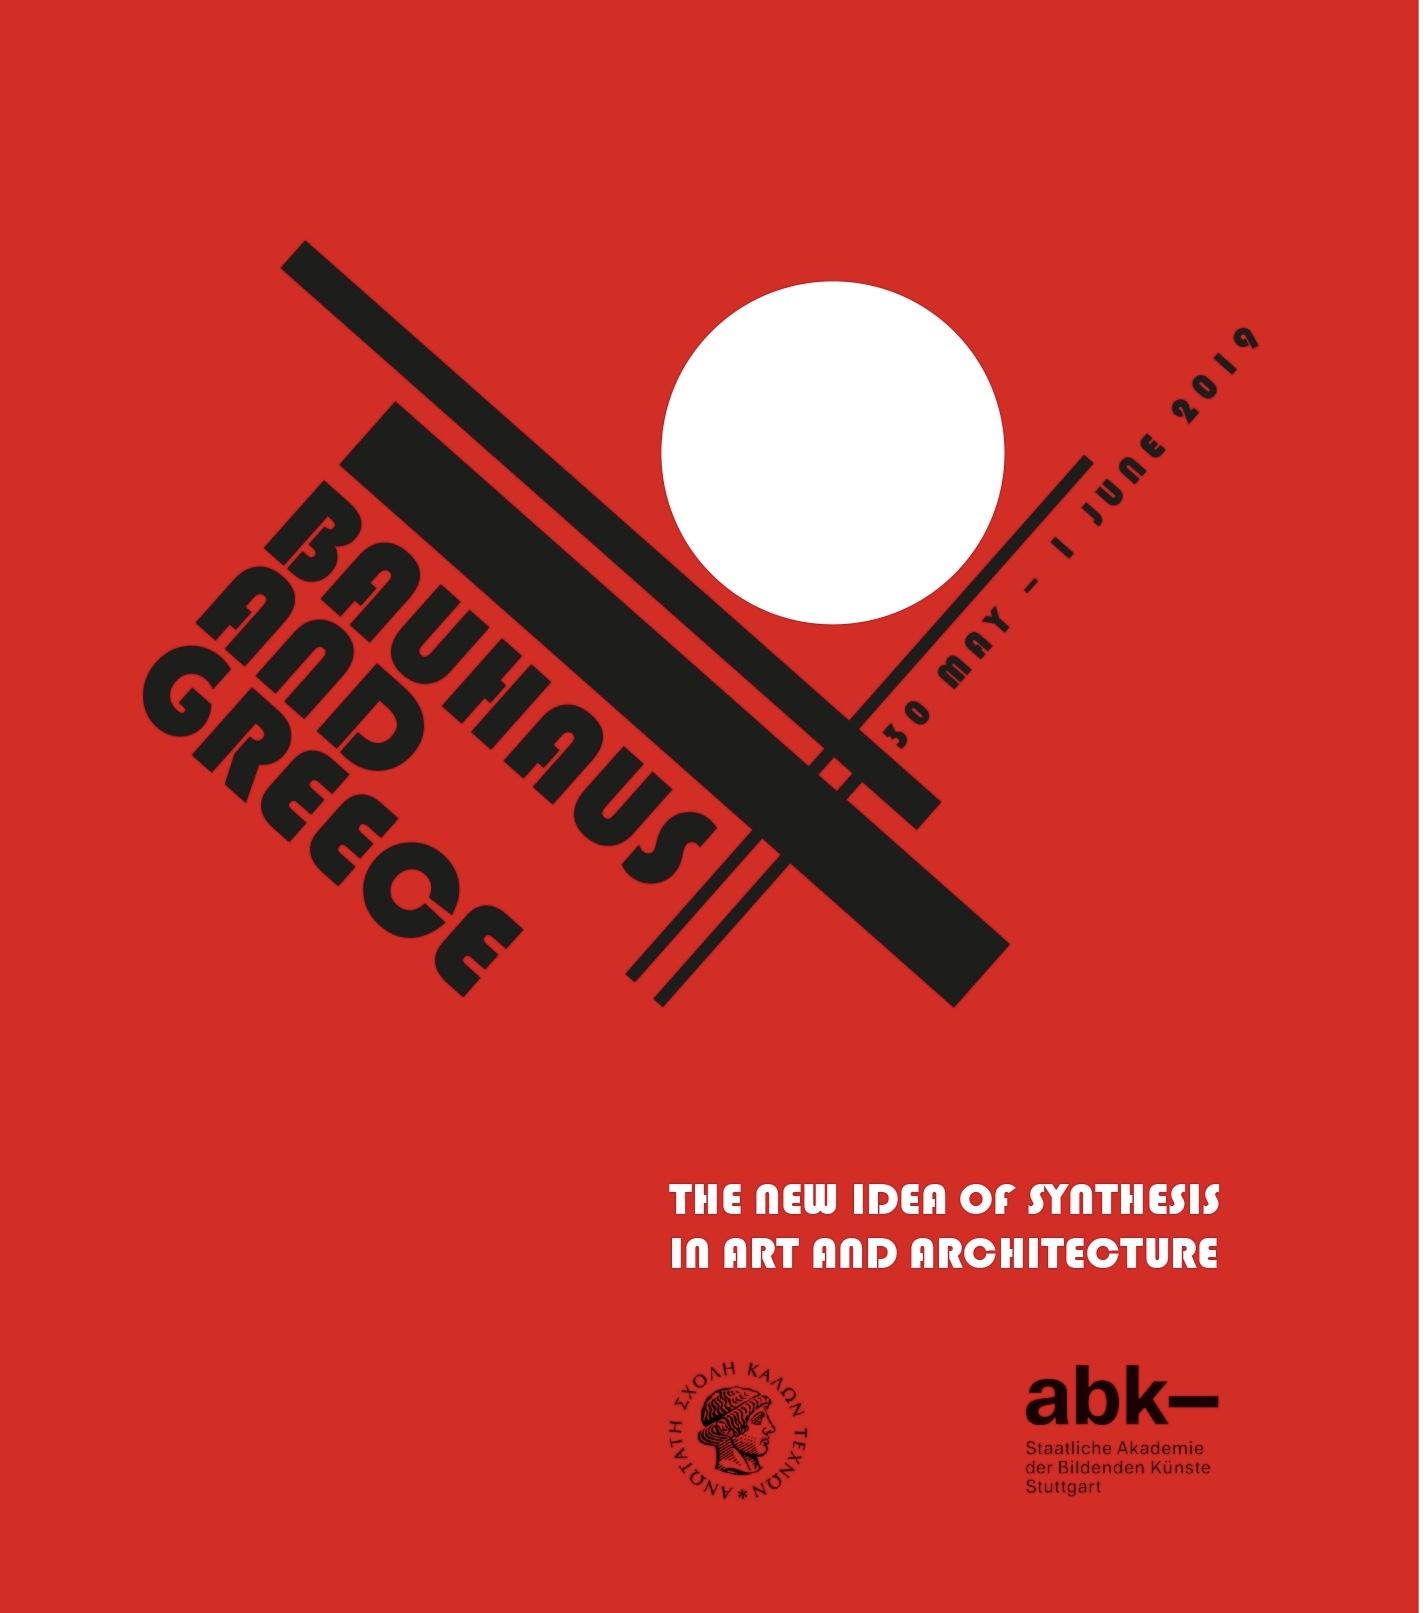 Το Bauhaus και η Ελλάδα: Τριήμερο Συνέδριο με χορηγό τη Mapei